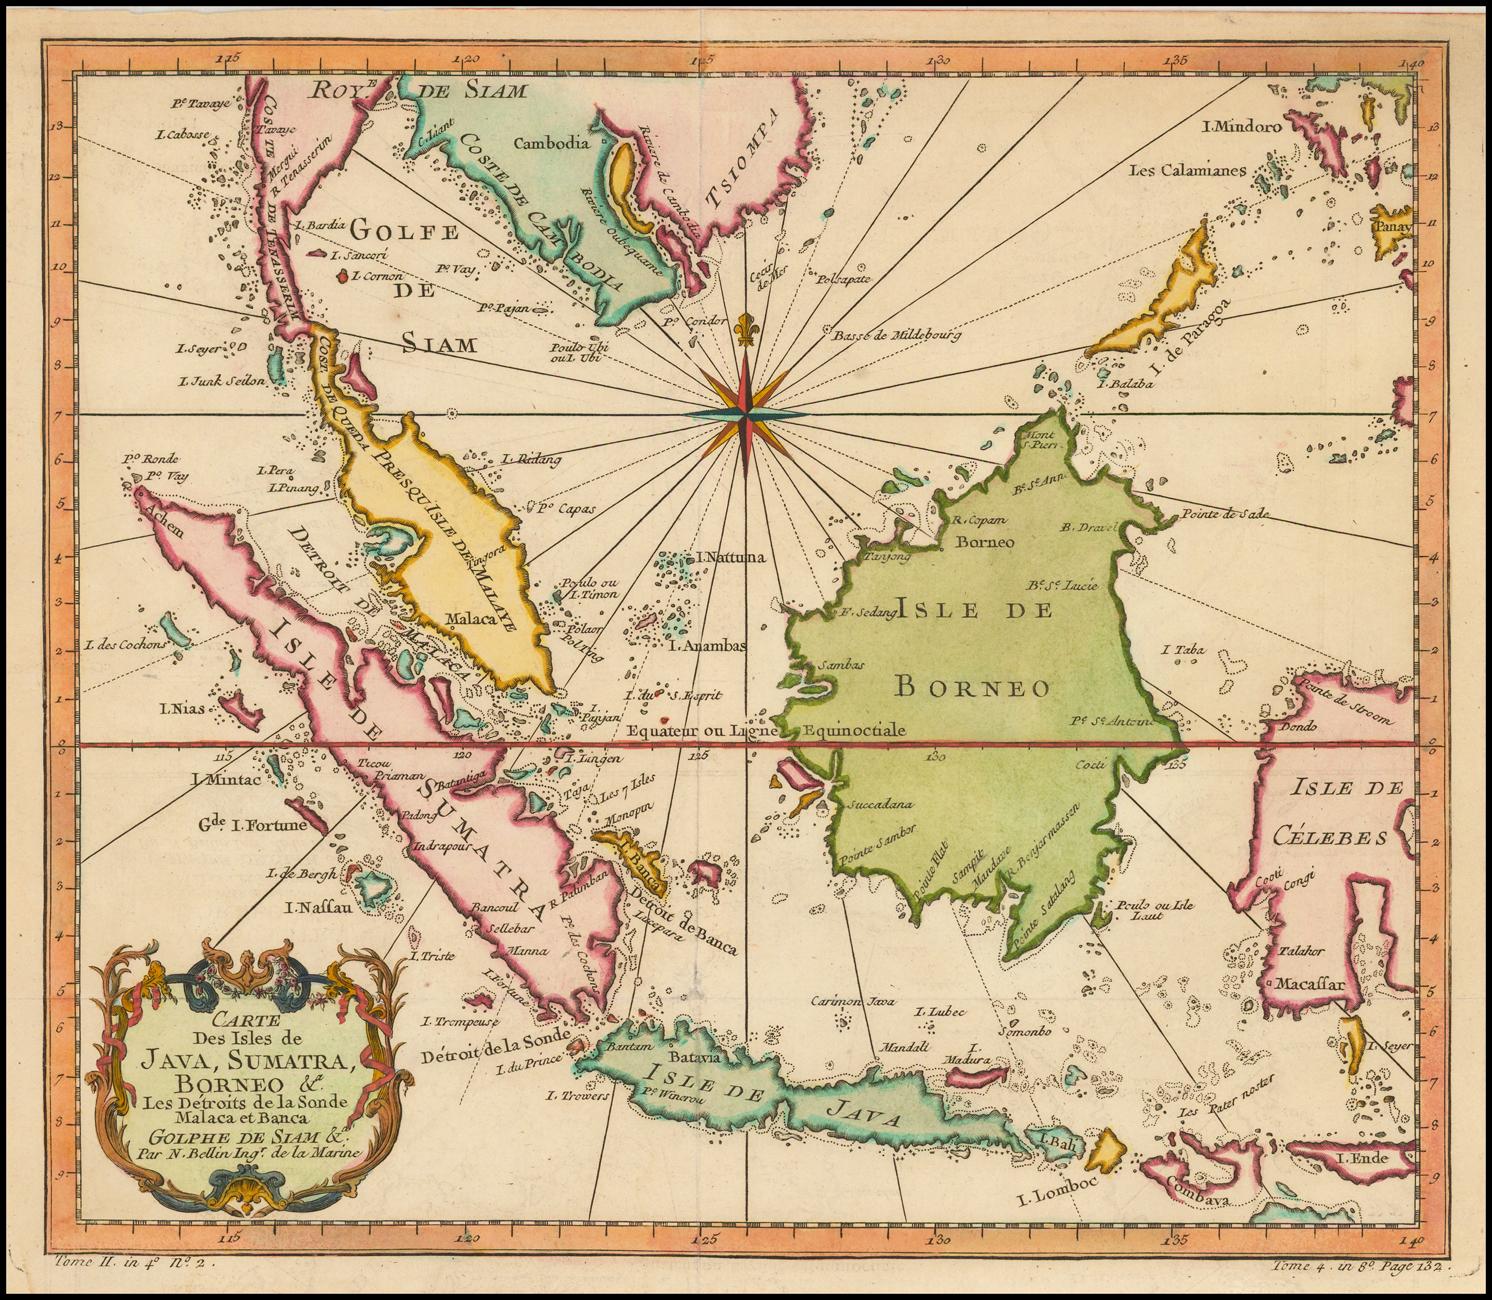 Picture of: Carte Des Isles De Java Sumatra Borneo C Les Detroits De La Sonde Malaca Et Banc Golph De Siam C Barry Lawrence Ruderman Antique Maps Inc